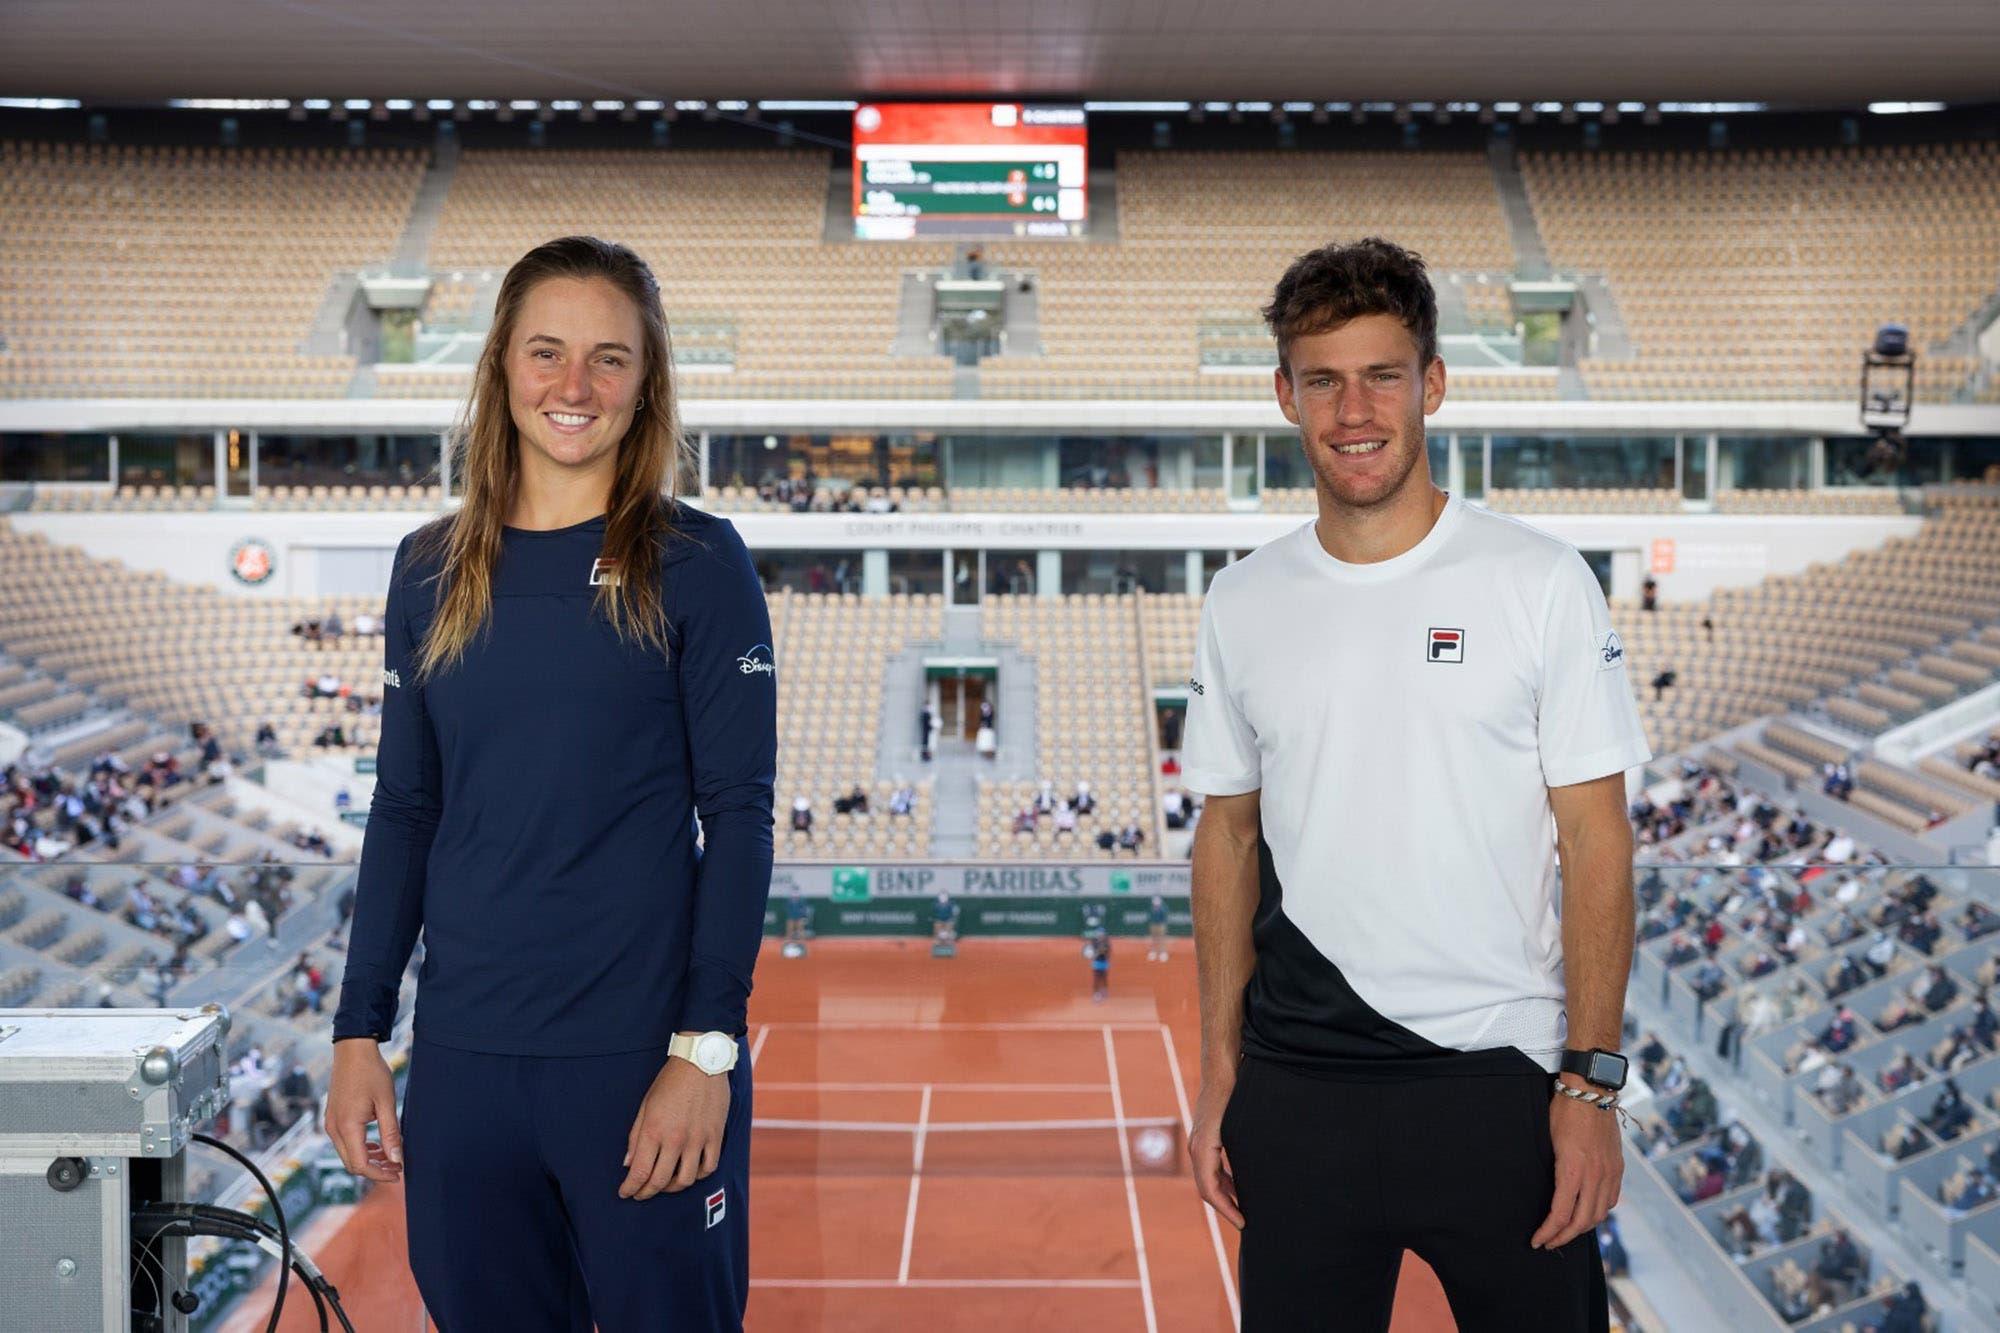 Nuevos rankings: los ascensos de Diego Schwartzman y Nadia Podoroska, ambos en su mejor momento